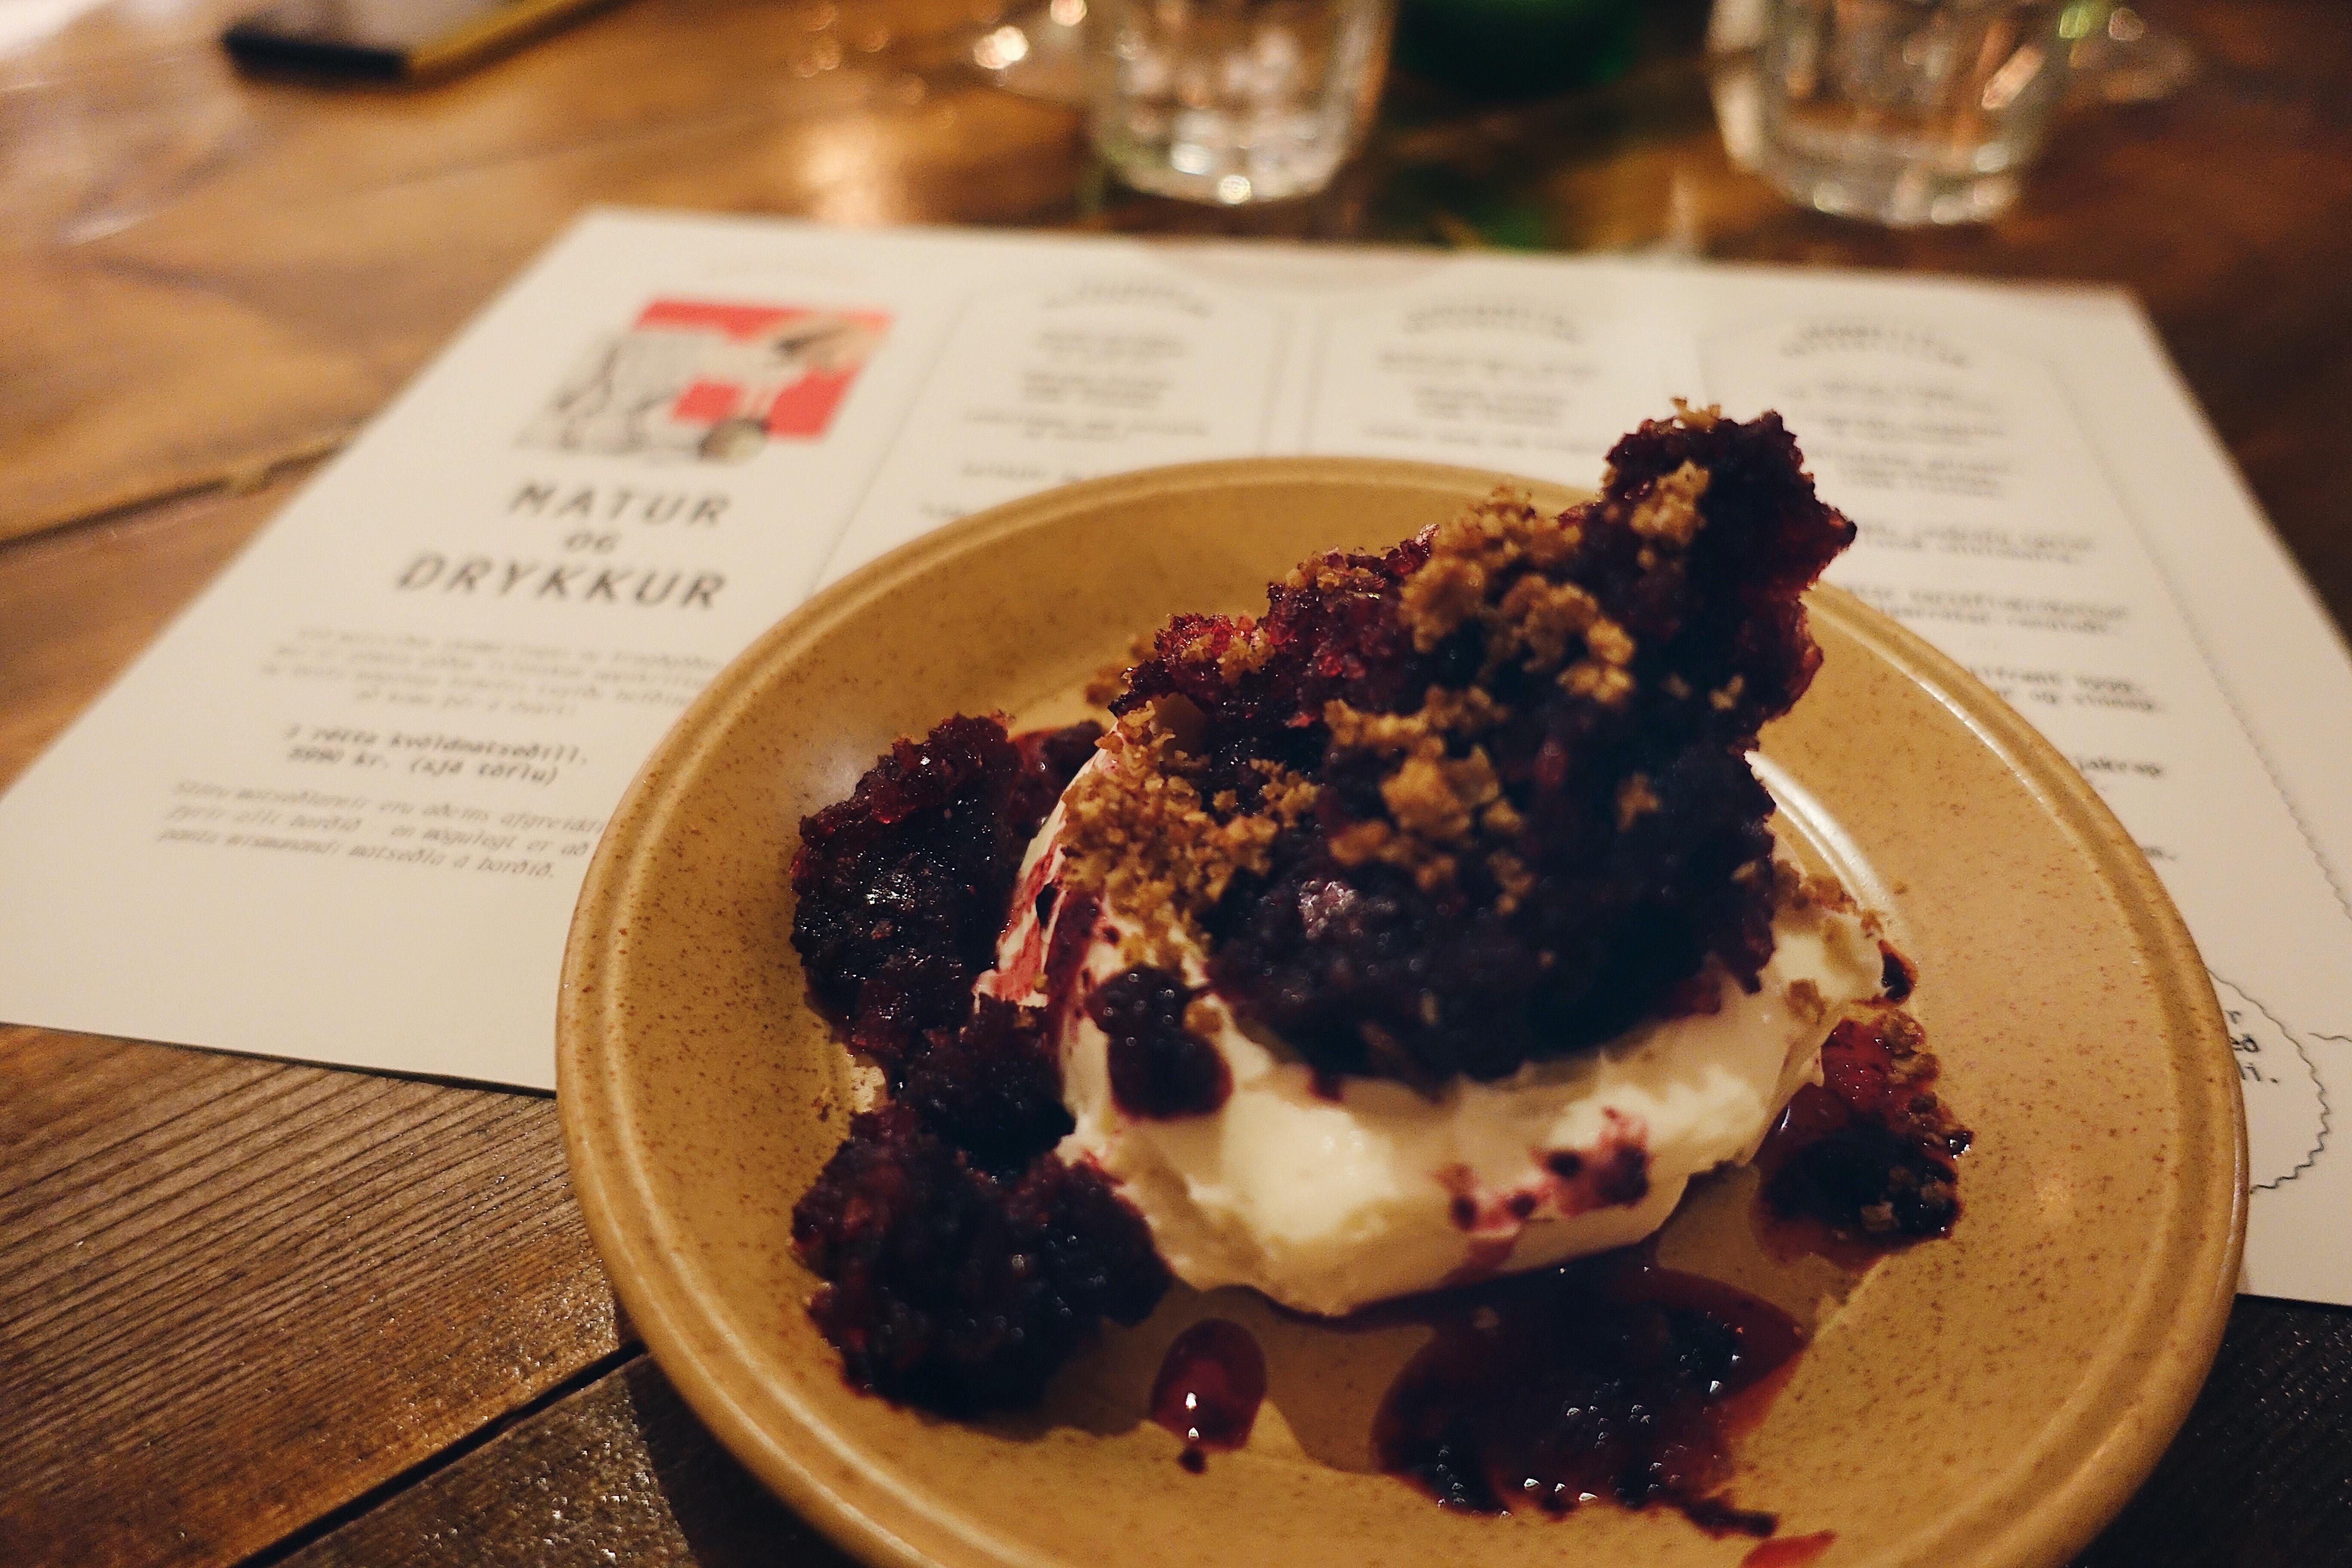 吃在冰岛|Matur og drykkur-传统与创新之间的幽默